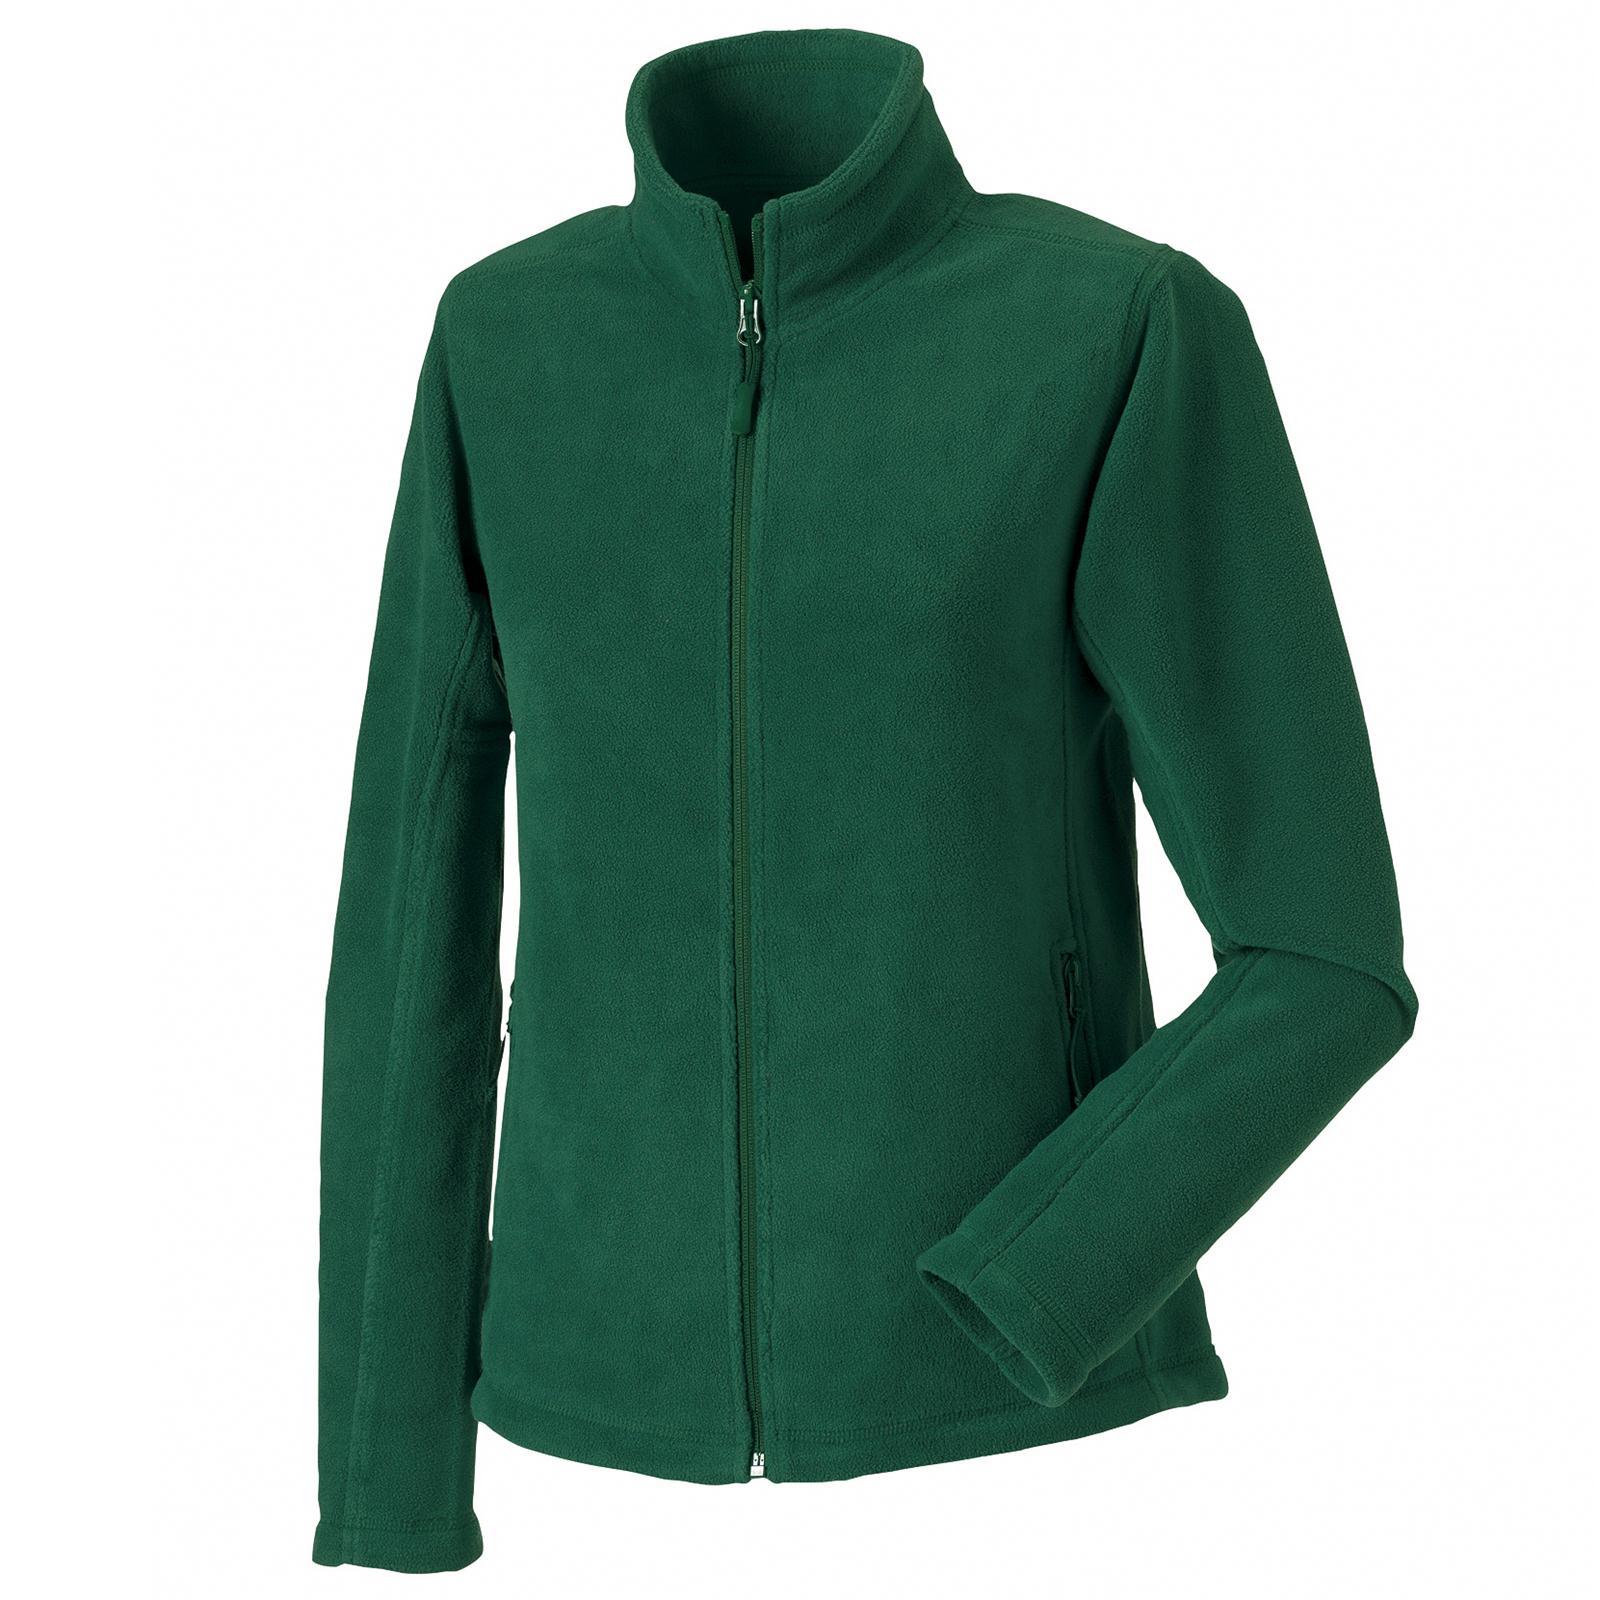 New RUSSELL Ladies Womens Full Zip Outdoor Fleece Jacket in 9 ...